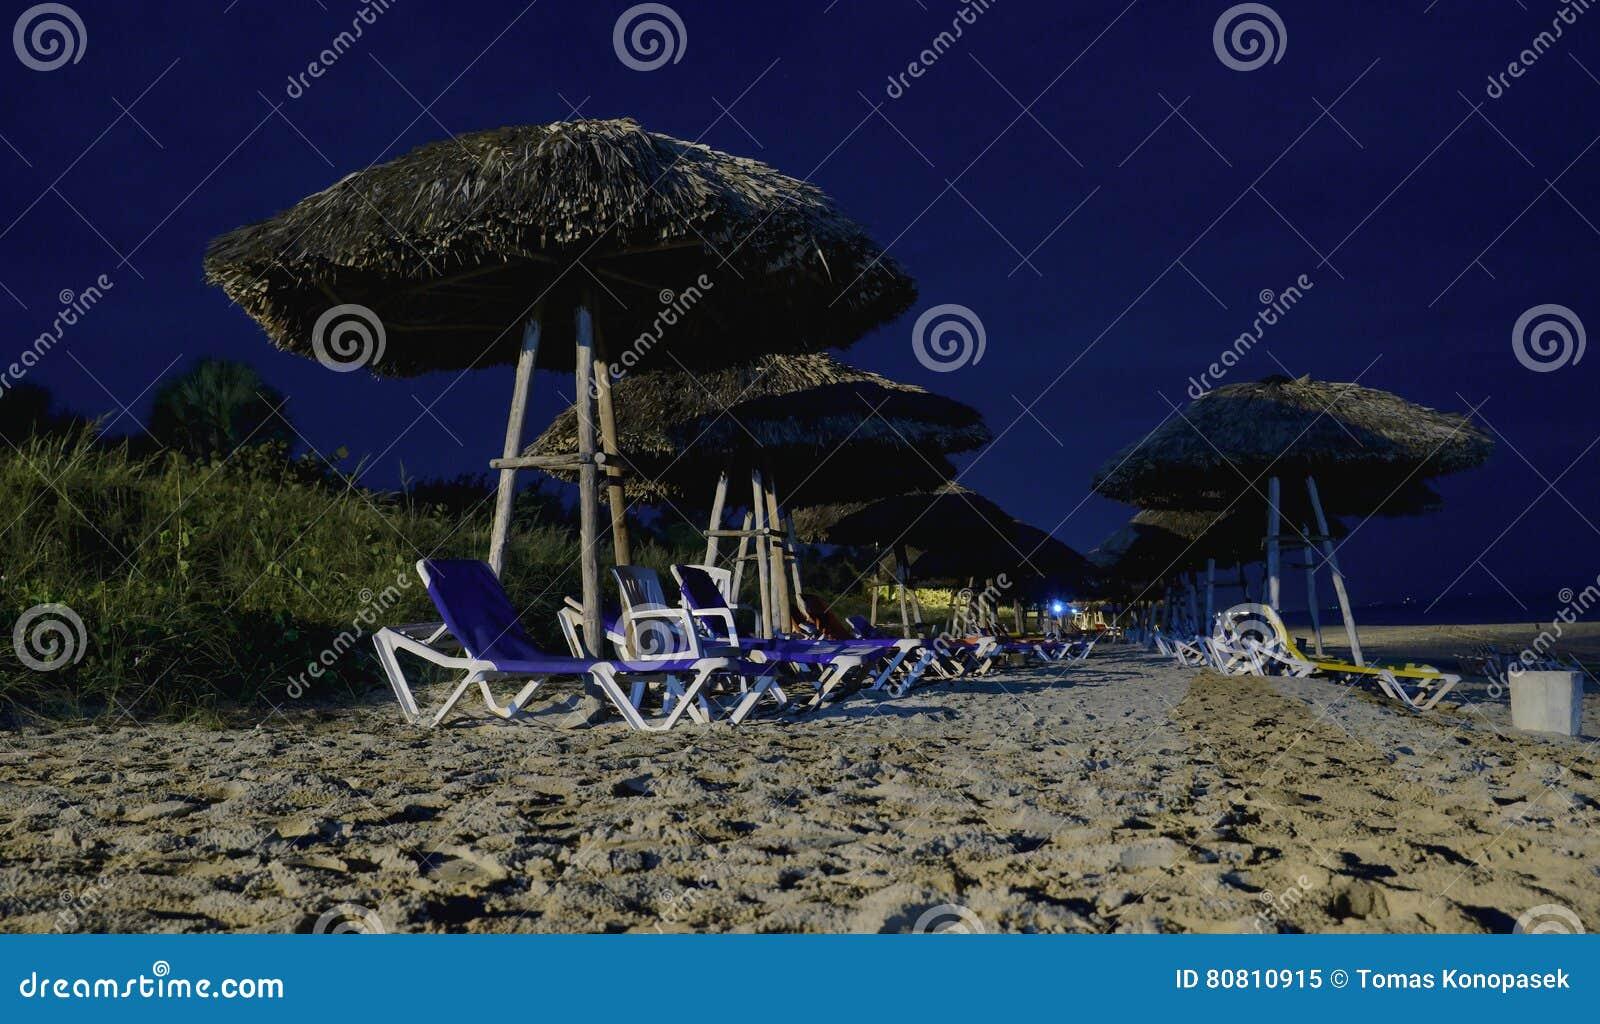 Noc widok krzesła i parasole